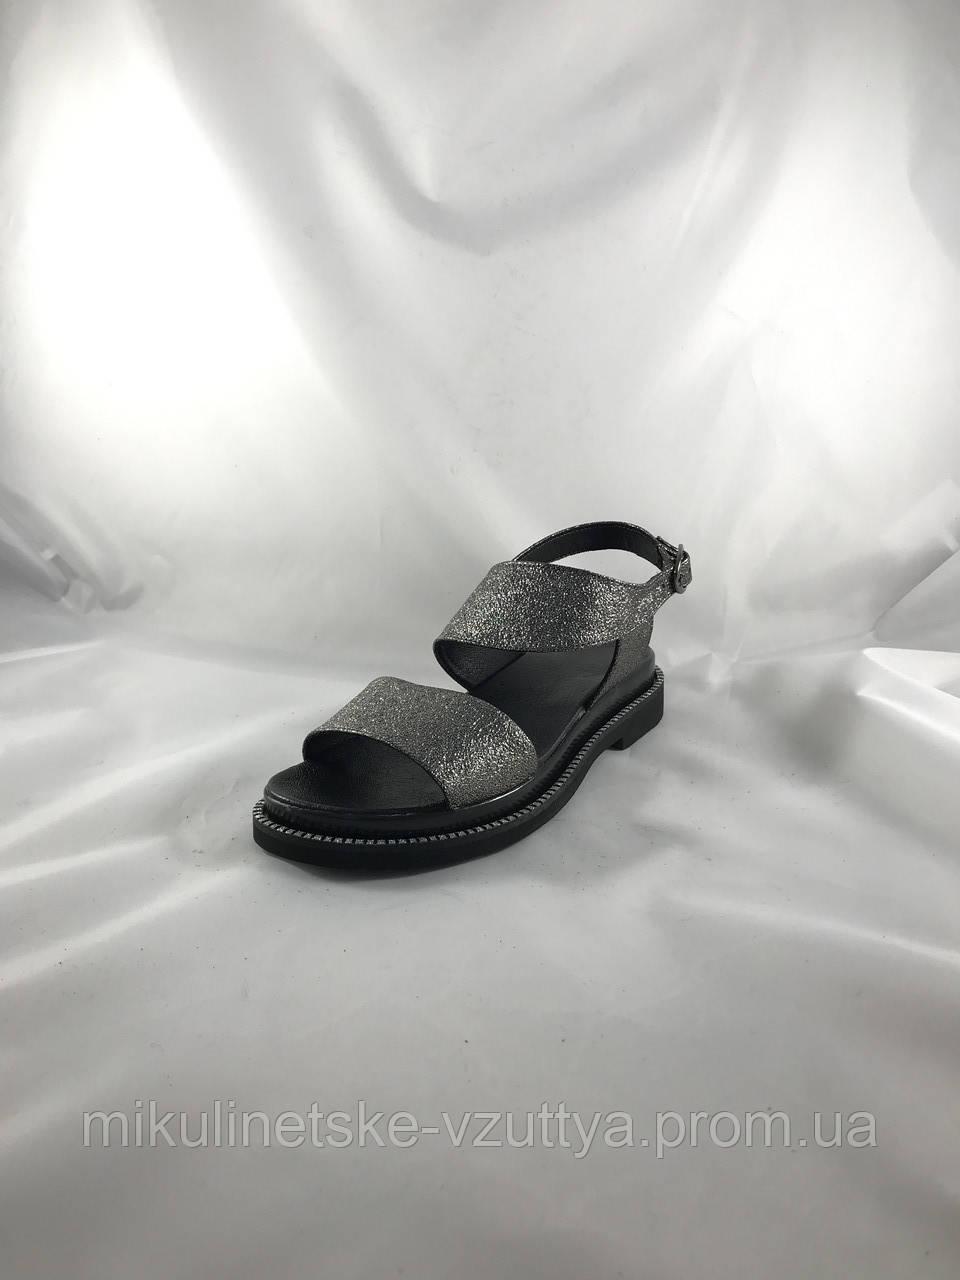 Сандалі літні жіночі - Микулинецьке взуття